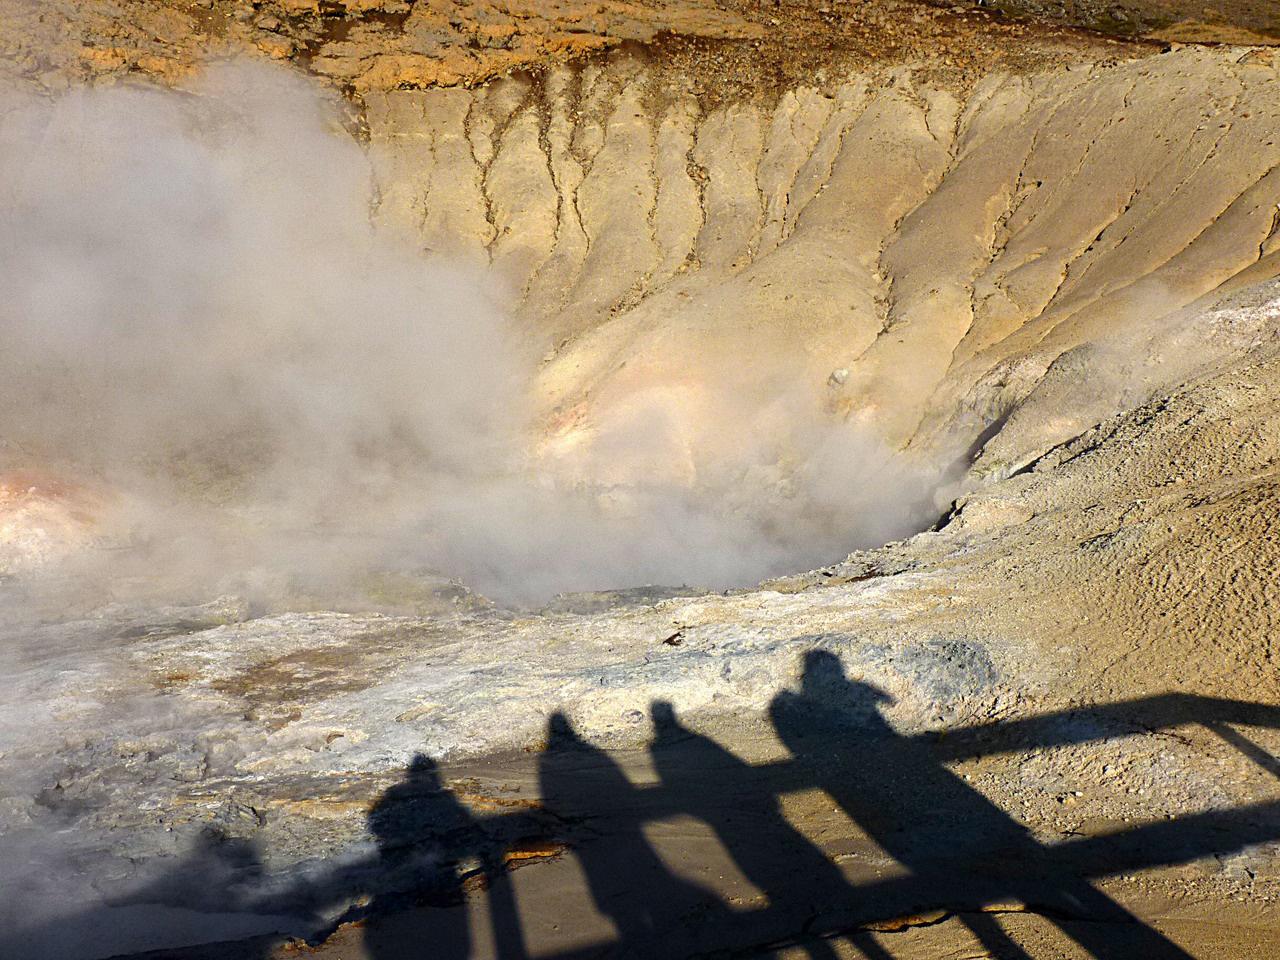 Izlandot a vulkáni tevékenység hozta létre, és ez az erő ma is aktív, aminek számtalan felszíni jele van a kénes kigőzölgésektől a termálforrásokon át a gejzírek működéséig. A geotermikus energia a szigeten könnyen kiaknázható: ezzel fűtik legtöbb épületet, és áramot termelnek vele. A főváros közelében található Krysuvík geotermális mezőn közvetlen közelből figyelhetjük meg ezeket a vulkáni jelenségeket